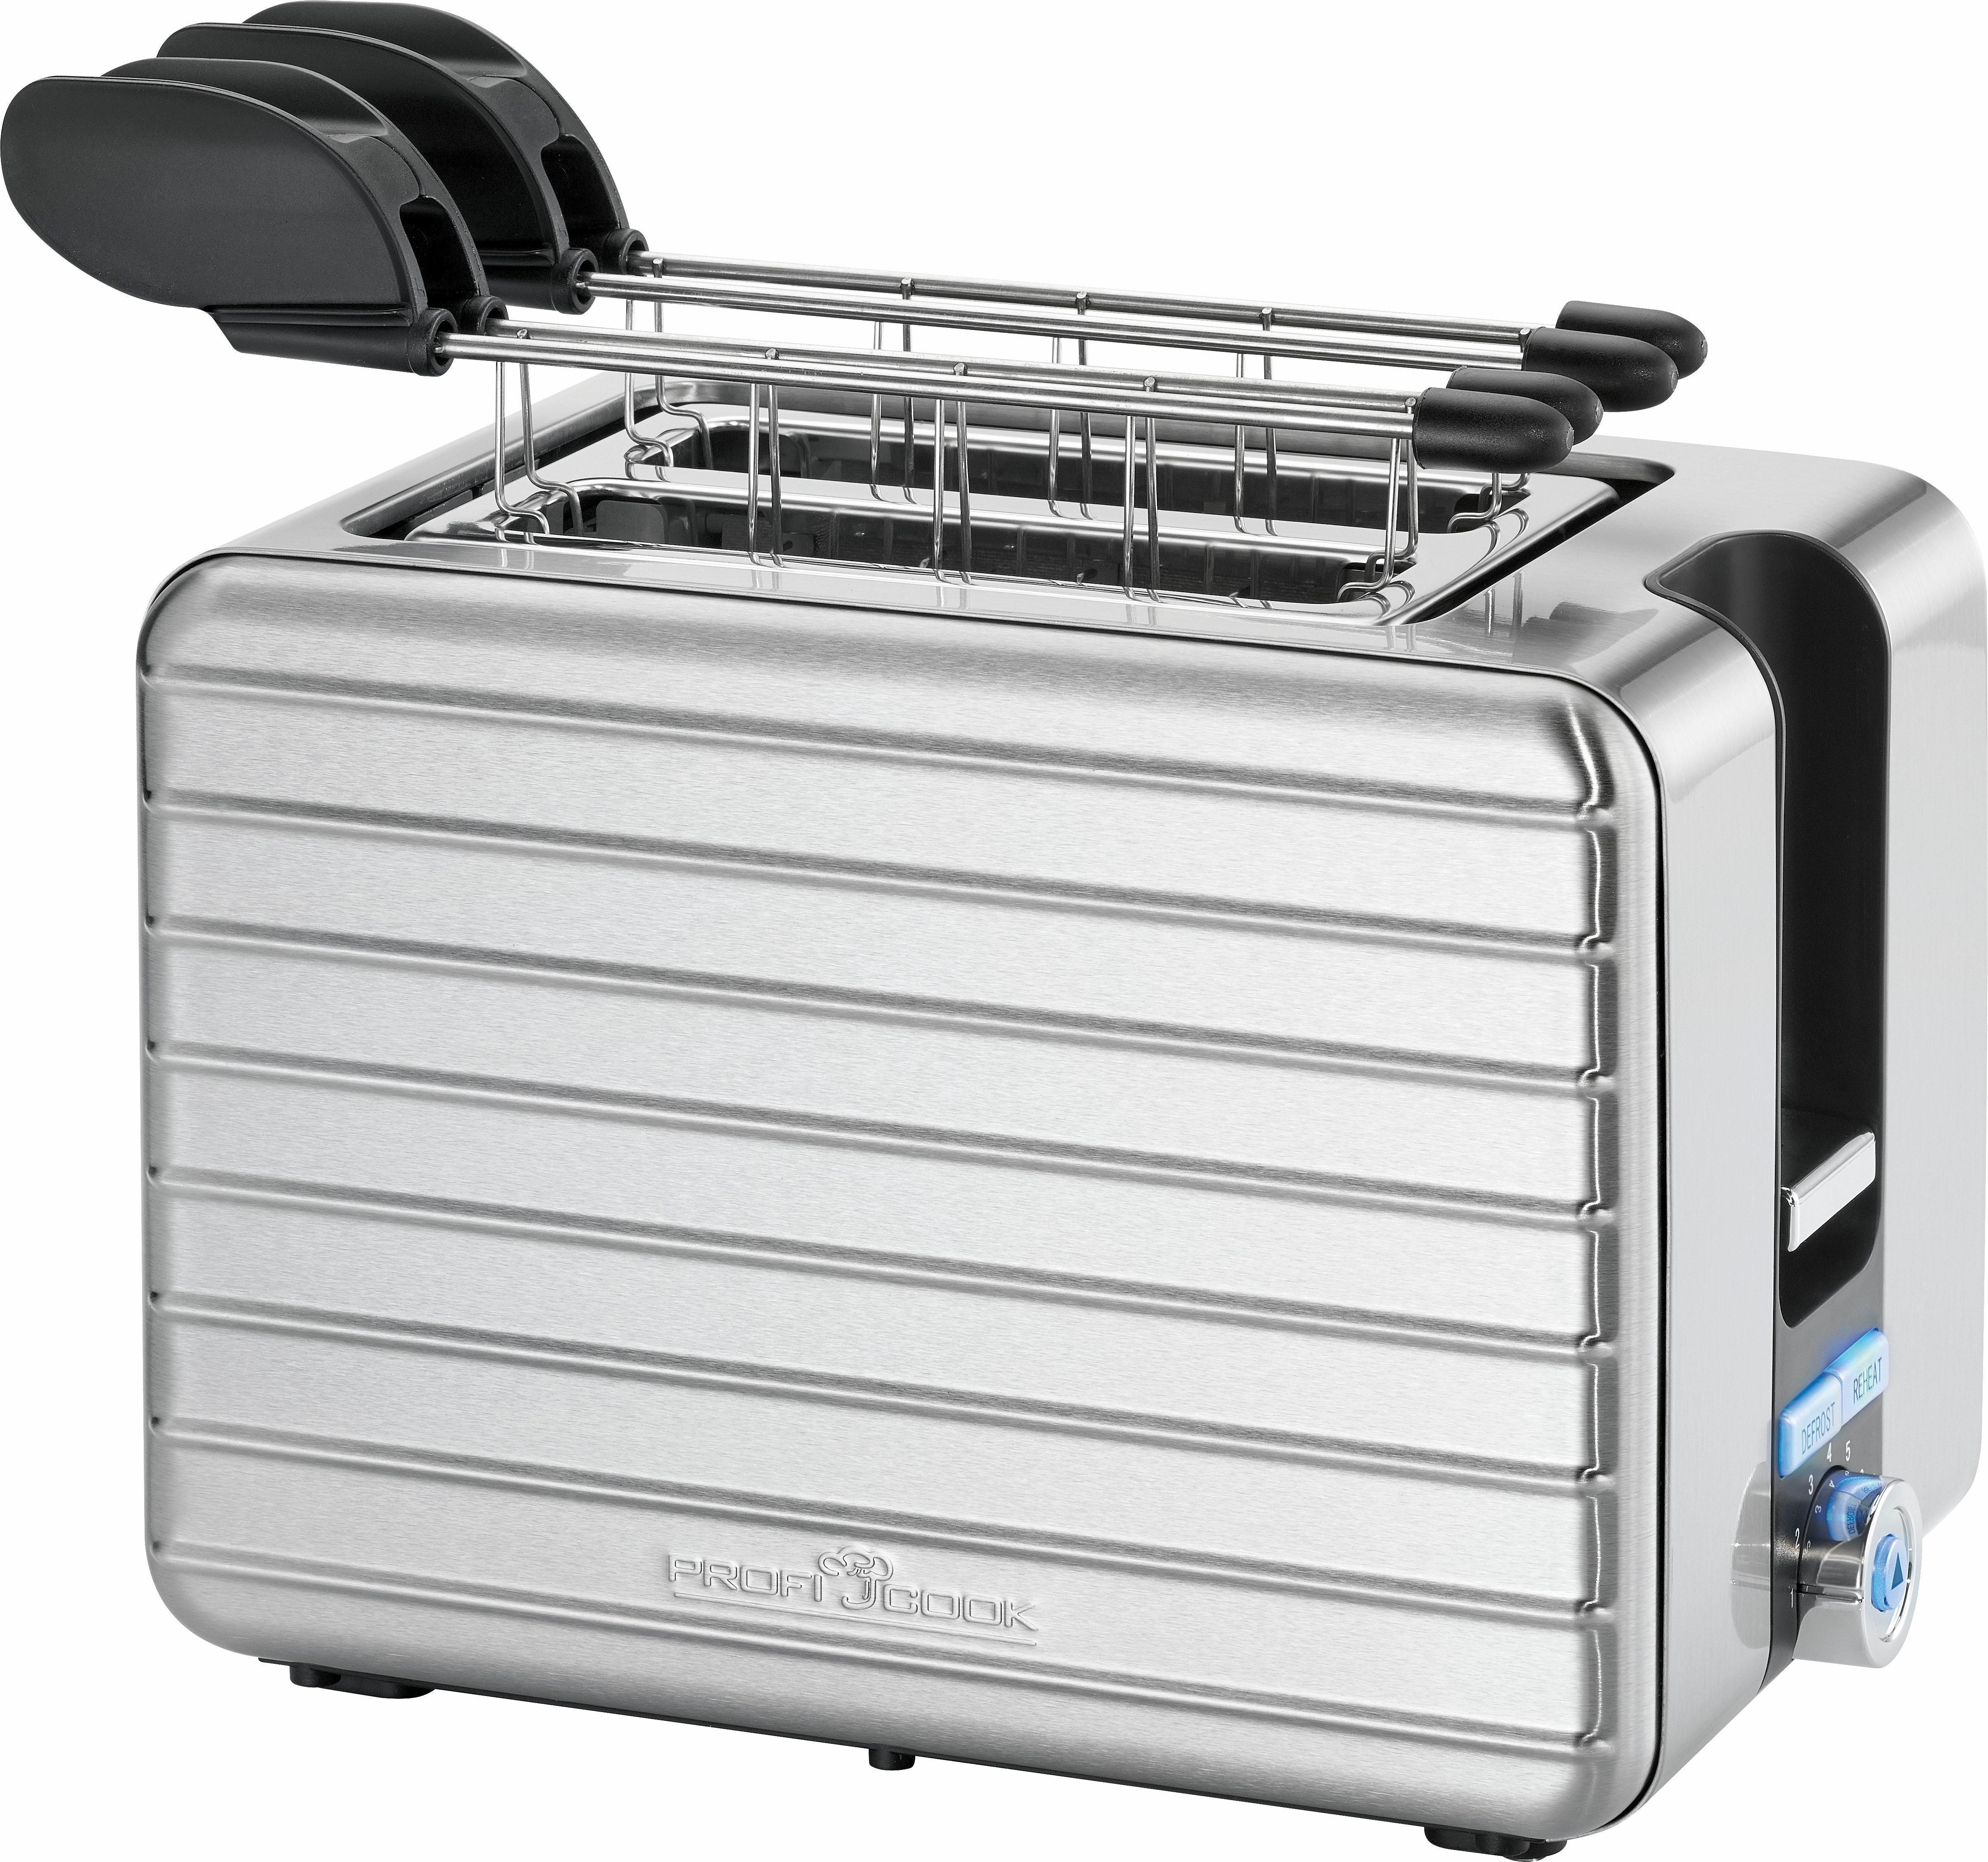 Proficook Profi Cook toaster PC-TAZ 1110 bestellen: 30 dagen bedenktijd